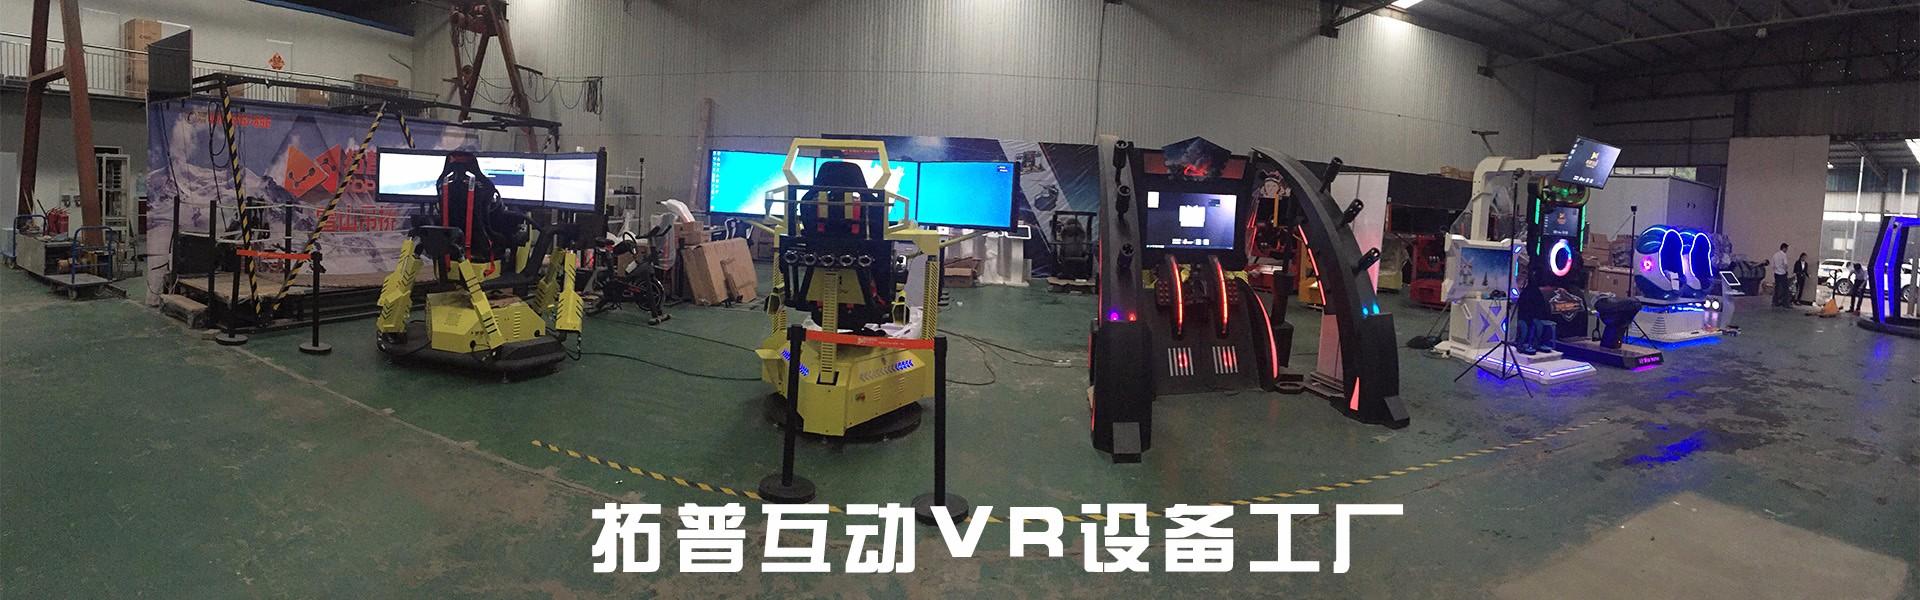 拓普互动VR设备工厂